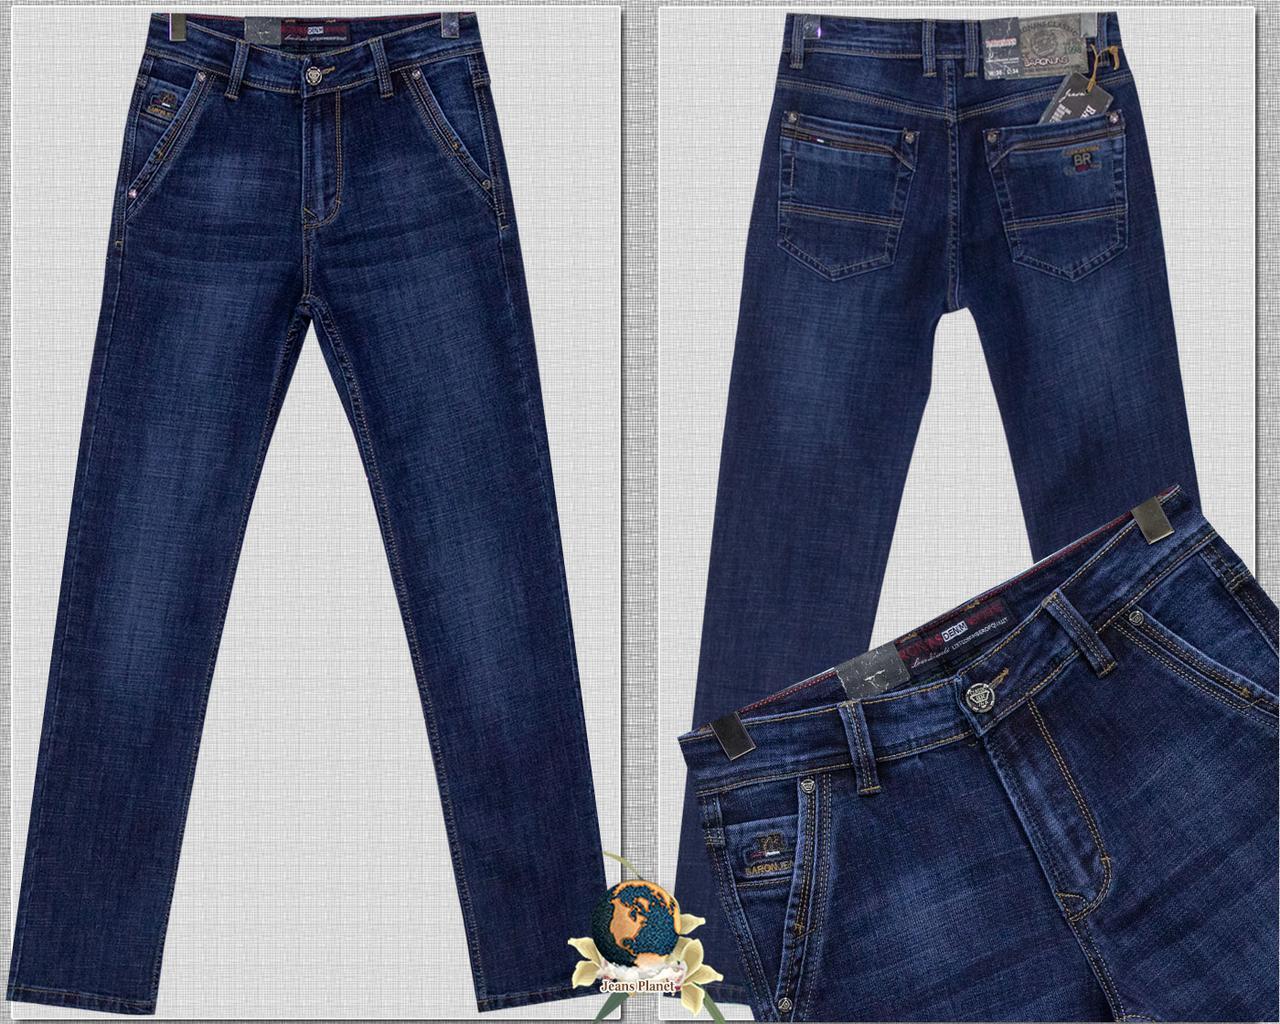 Джинсы мужские классические с косыми карманами синего цвета Baron 30 размера